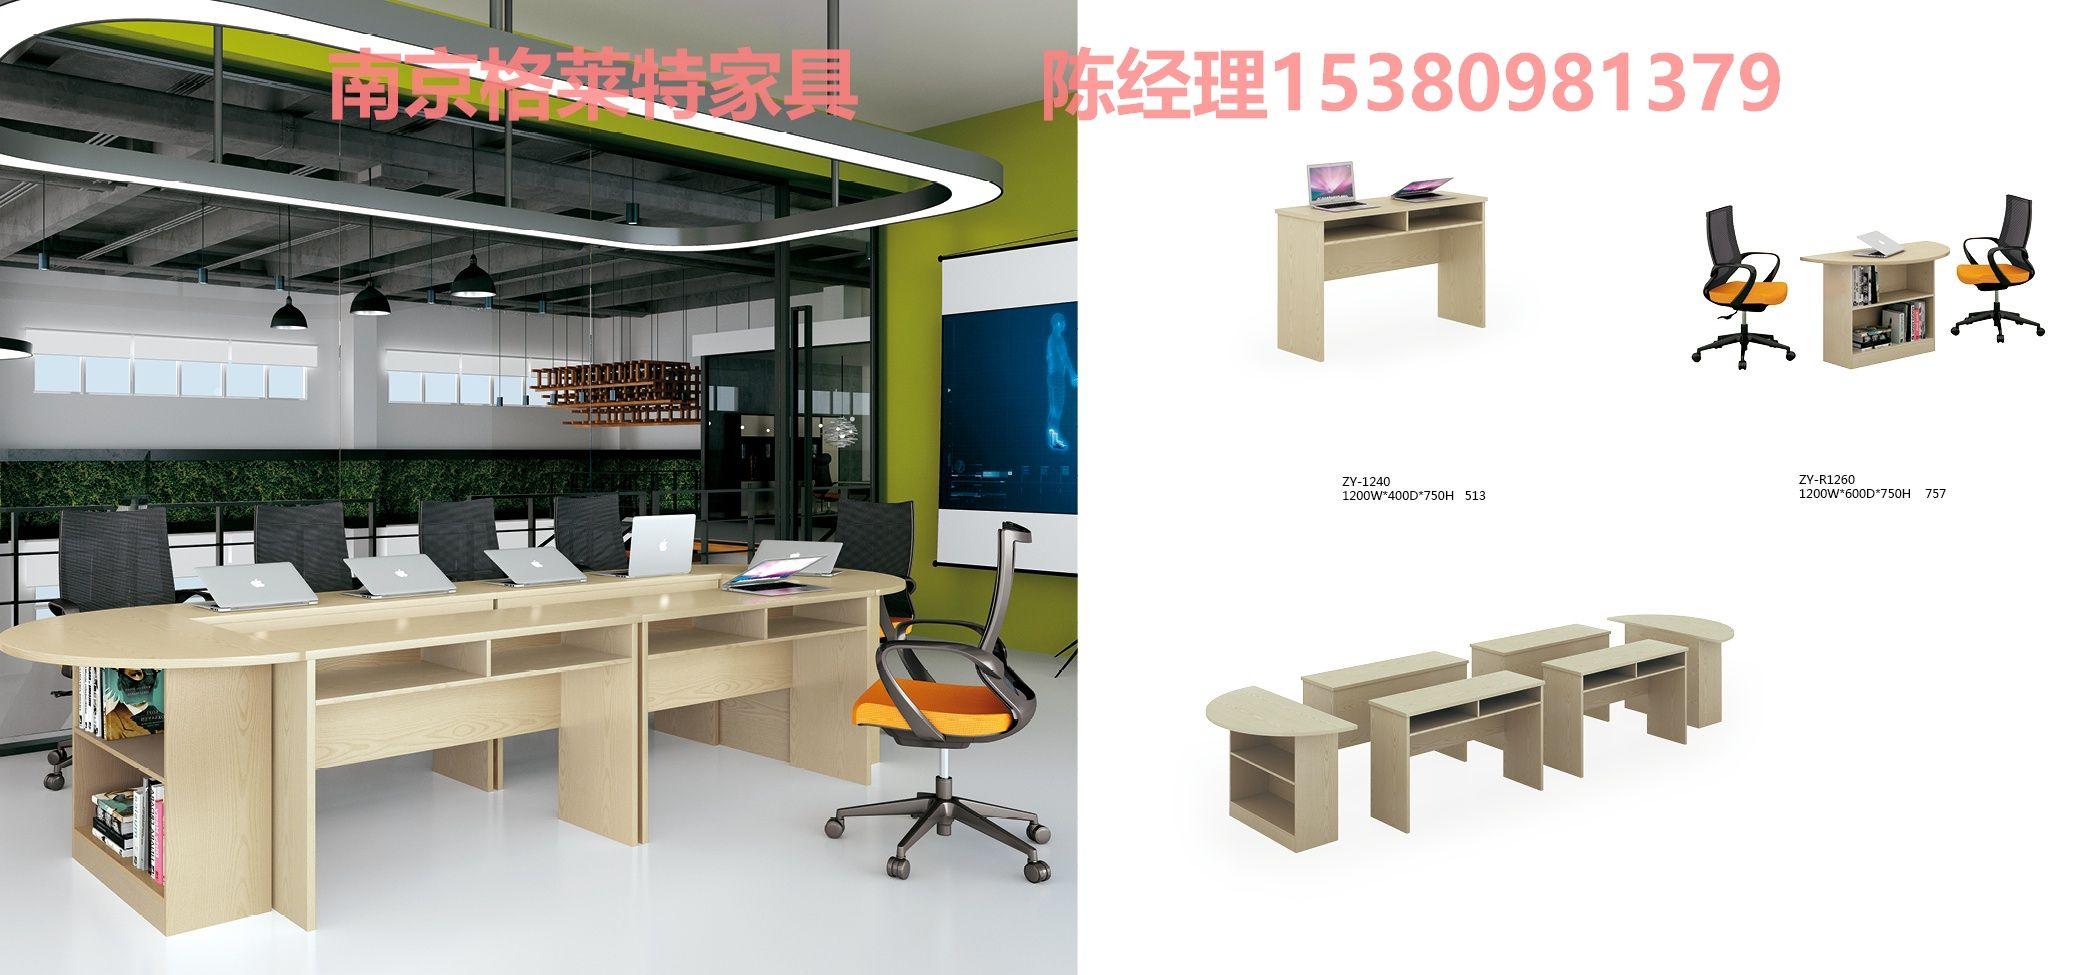 定做办公桌椅  多种款式颜色可选 可按需定制 品质保证 价格优惠